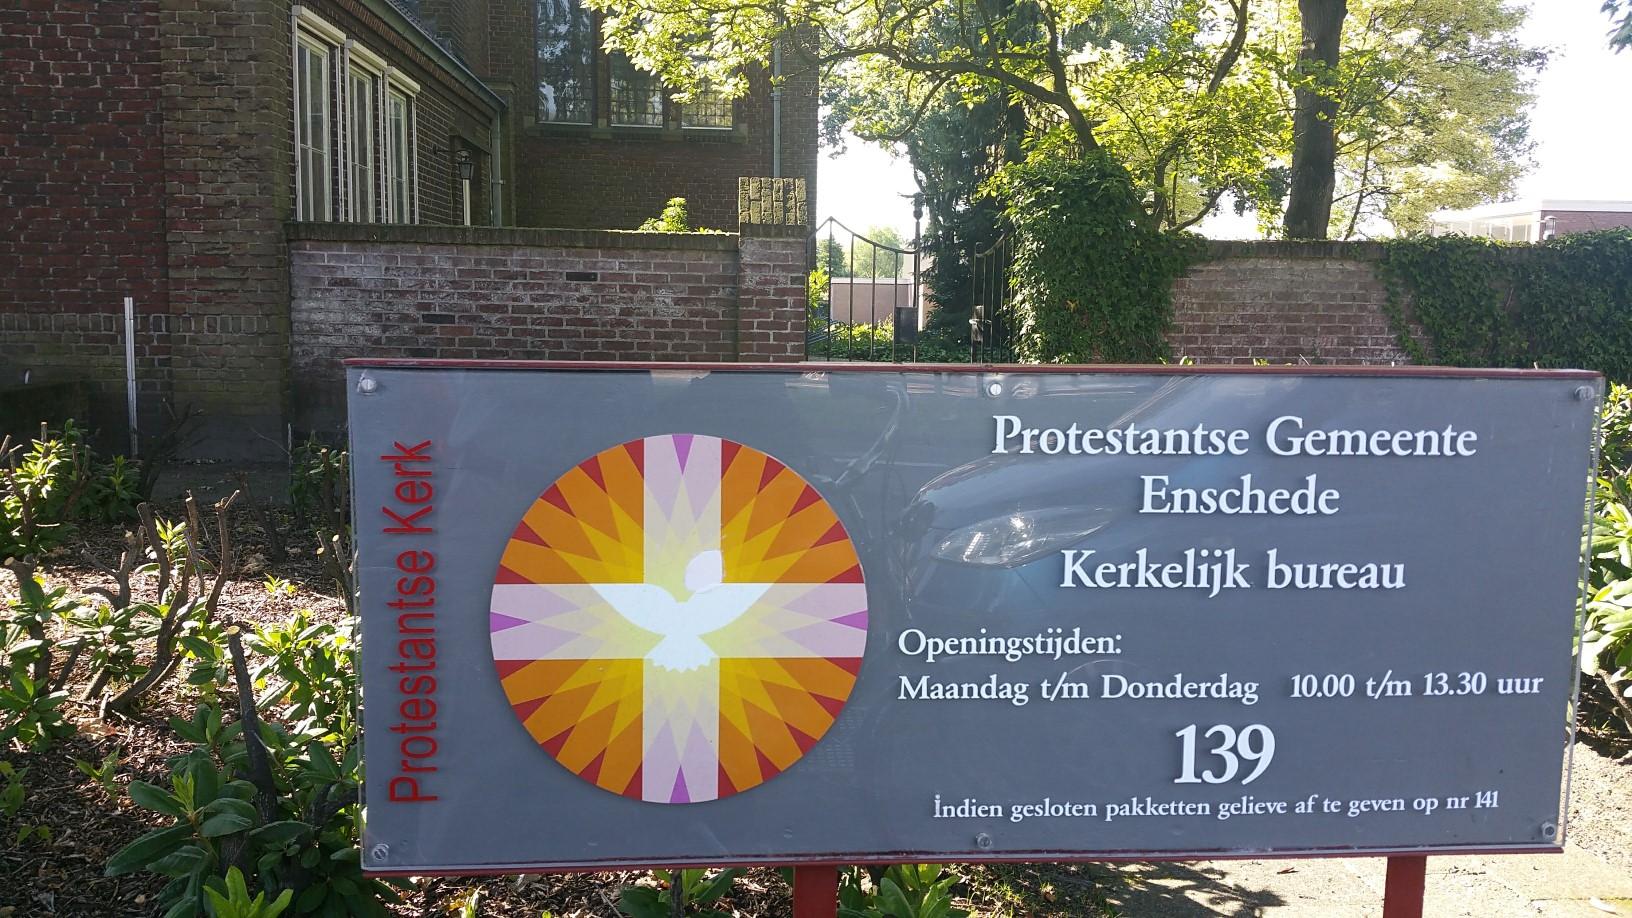 Protestantse gemeente enschede